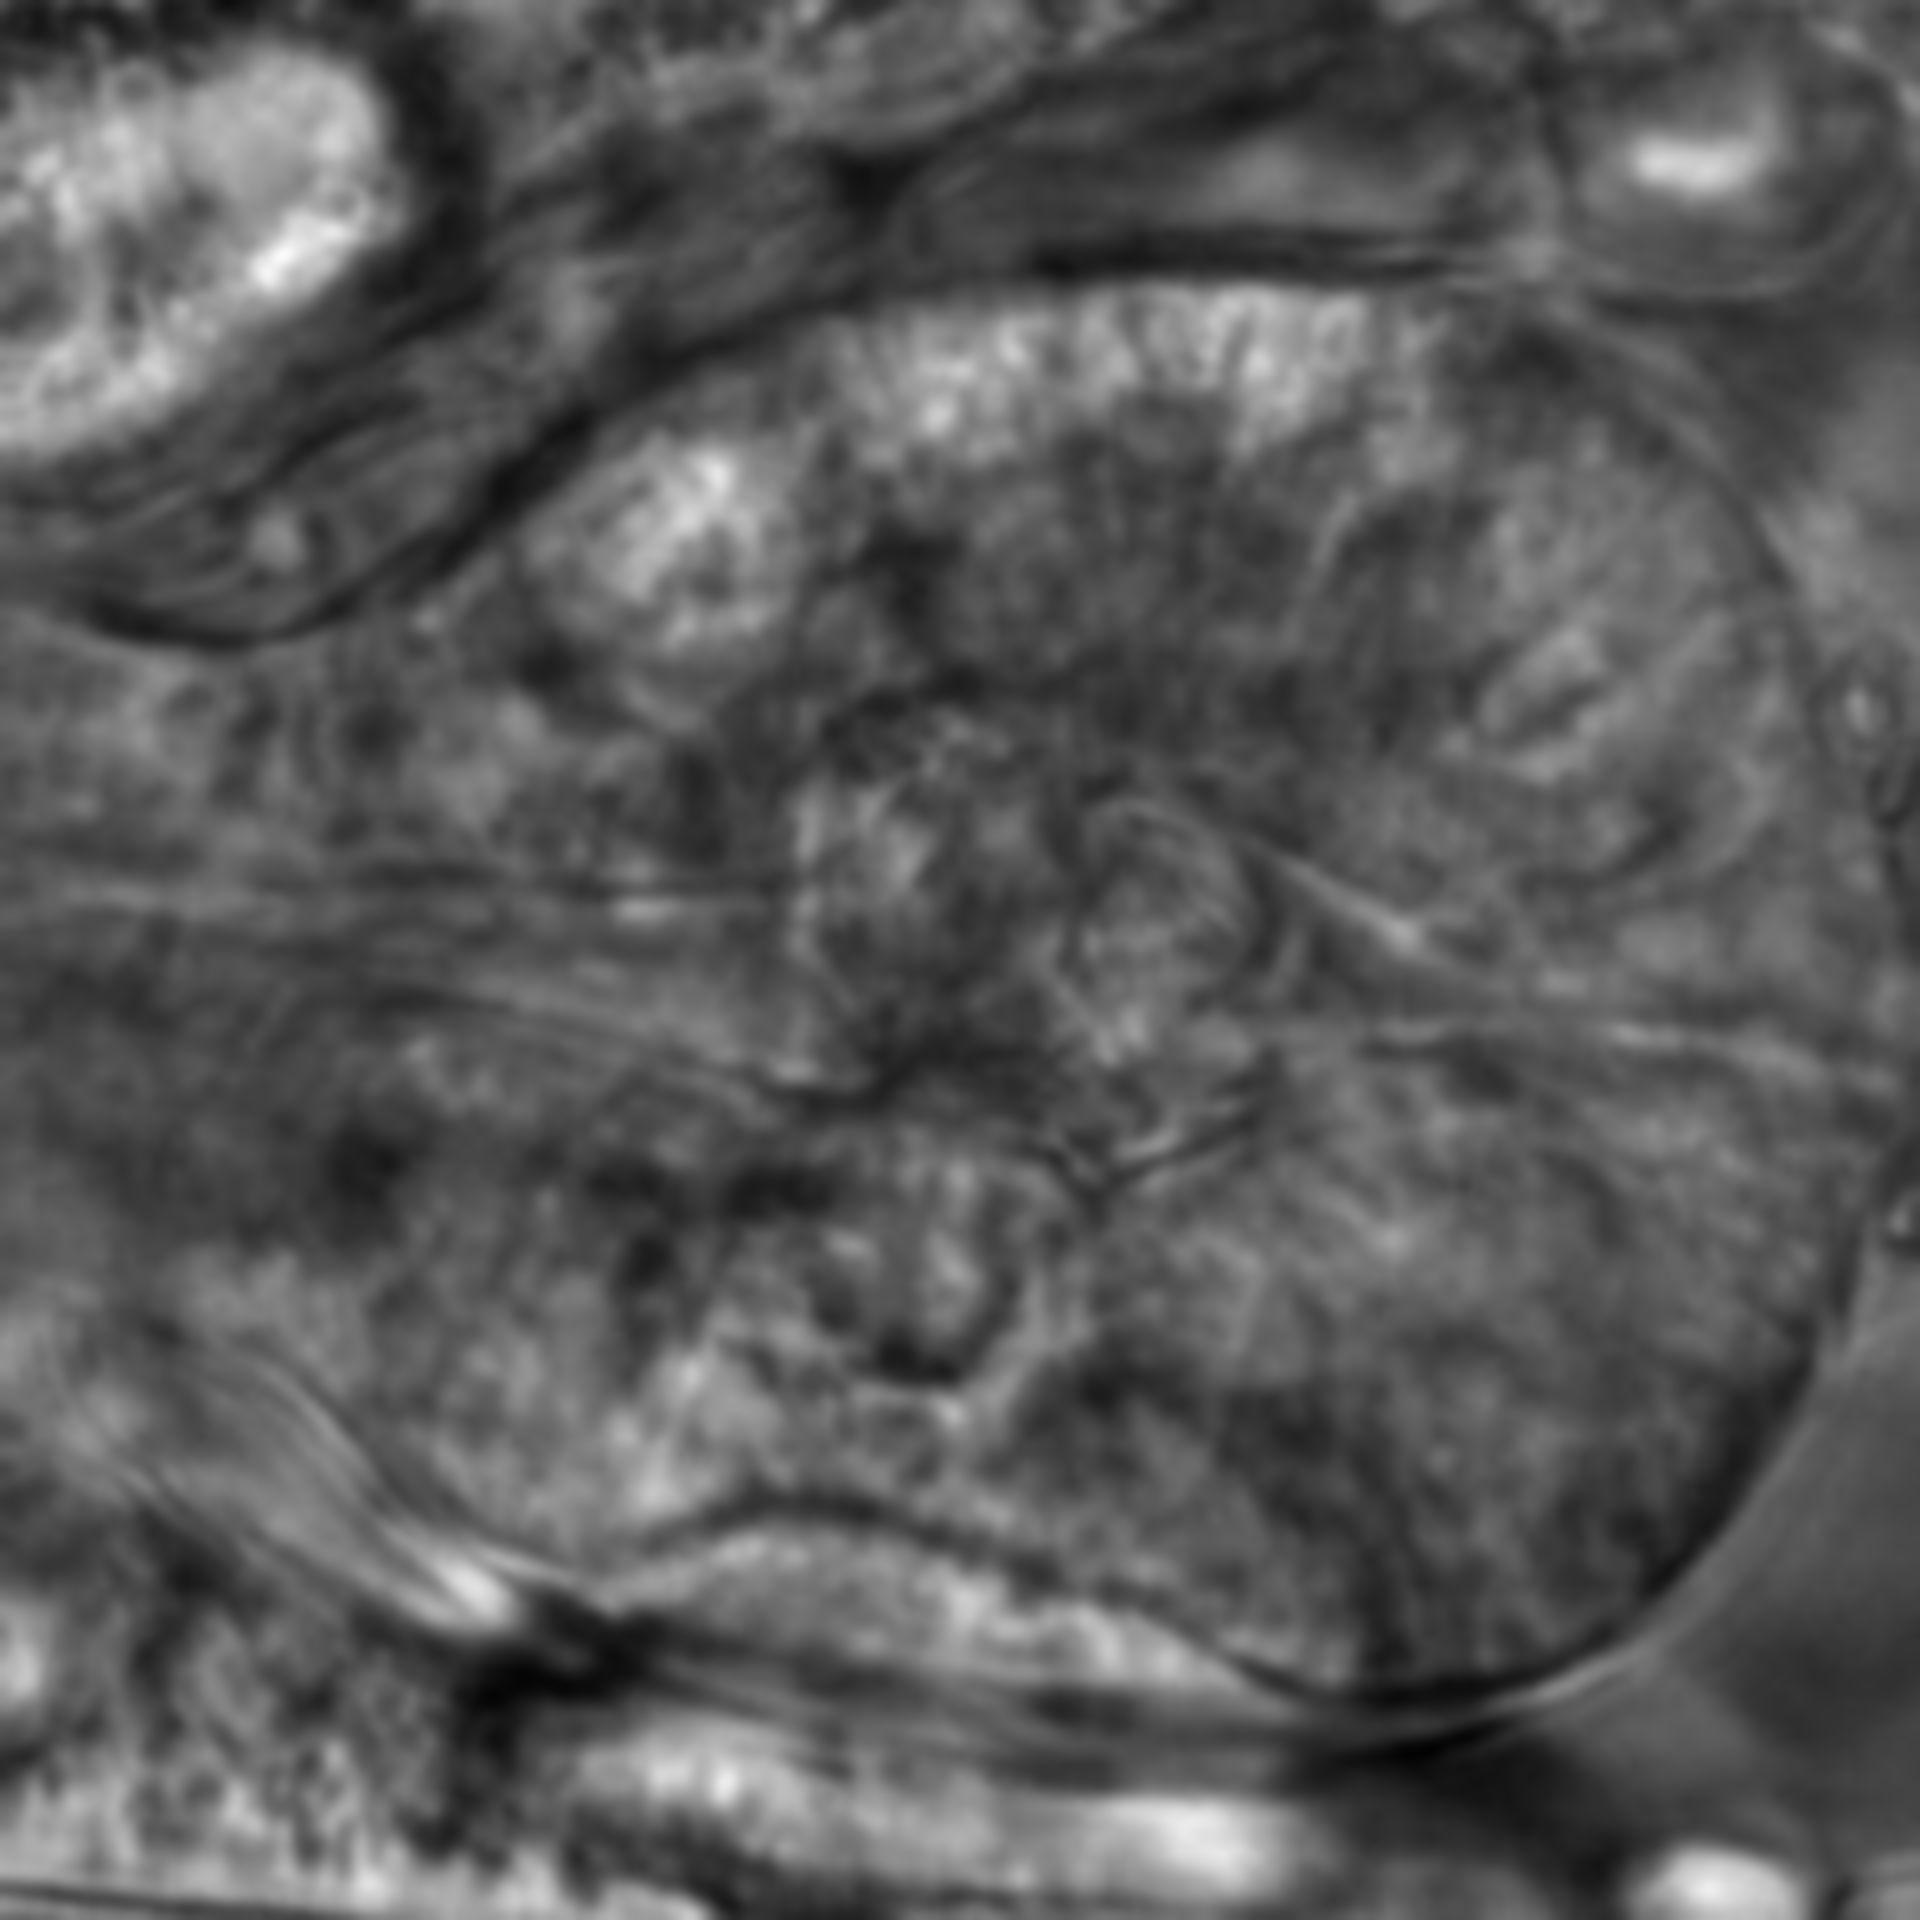 Caenorhabditis elegans - CIL:2703